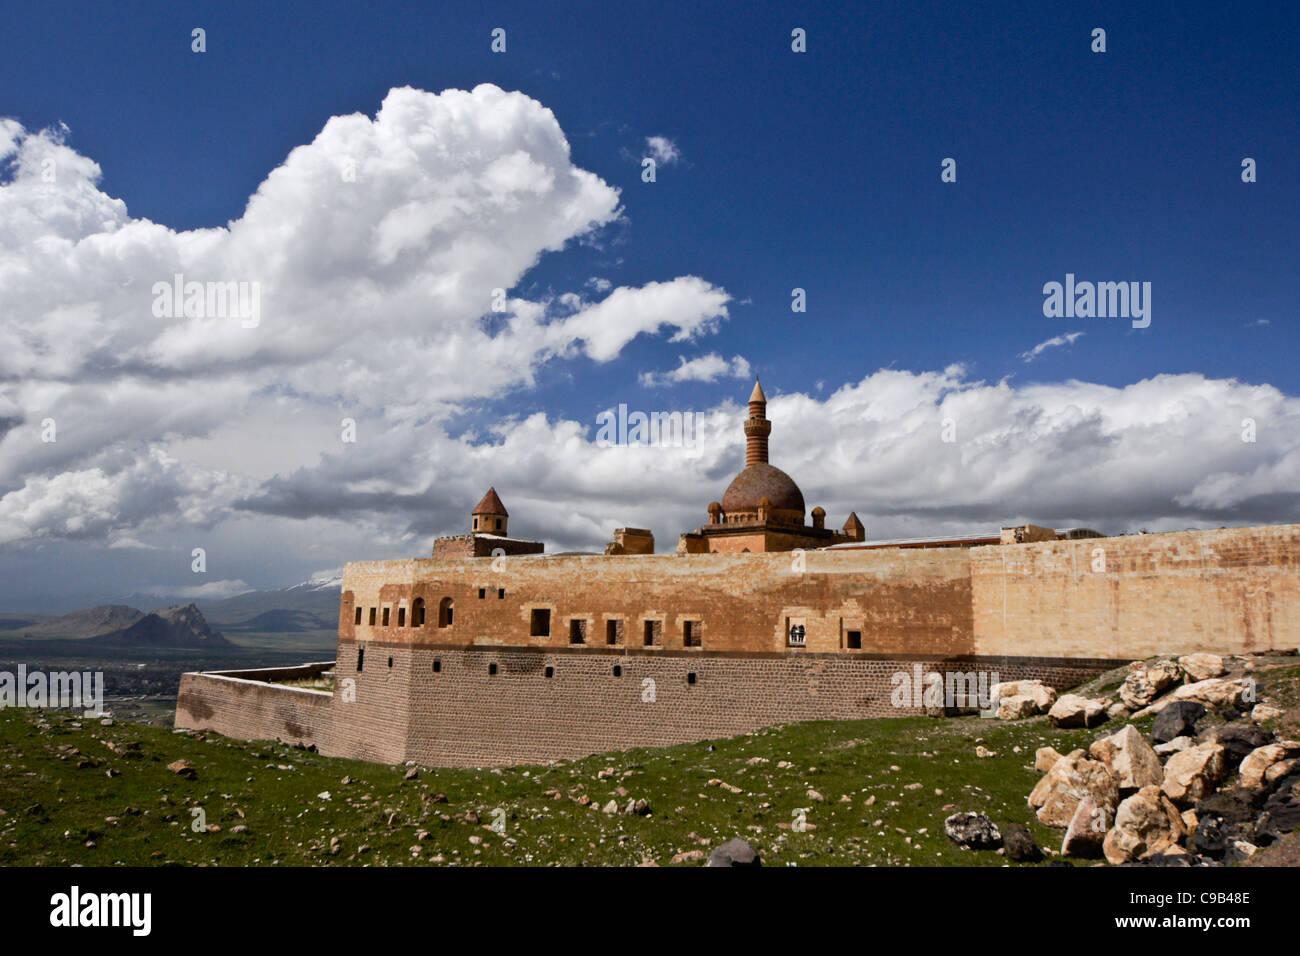 Ishakpasha Palace, Dogubeyazit, Eastern Anatolia, Turkey Stock Photo